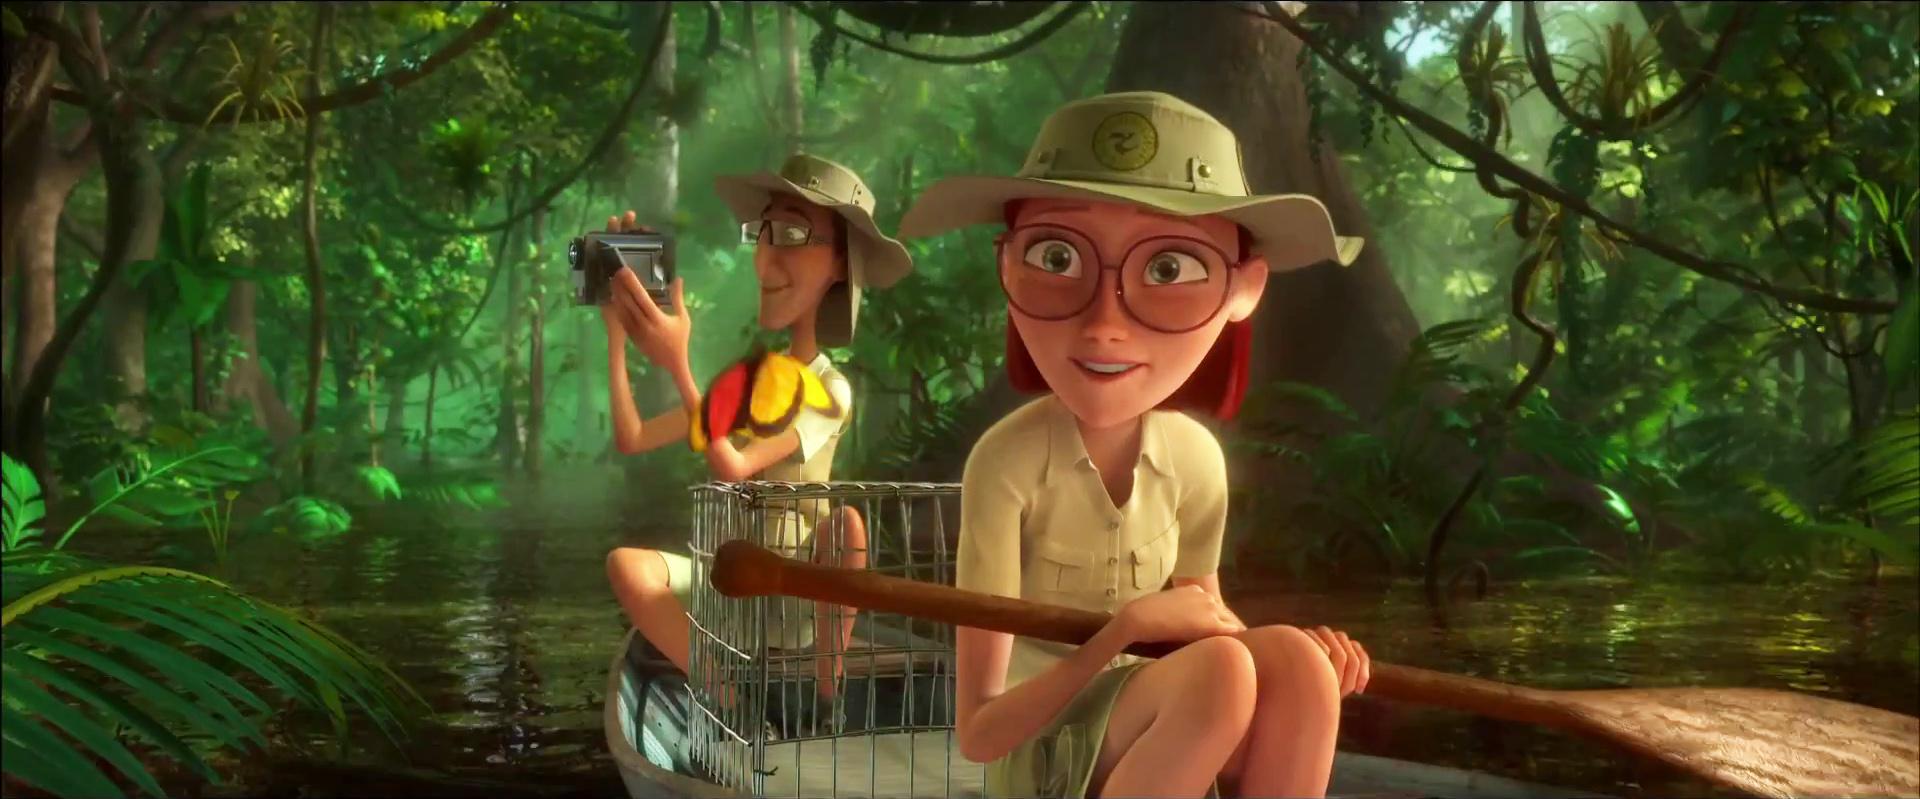 Image rio 2 linda and tulio in the amazon jungle jpg rio wiki